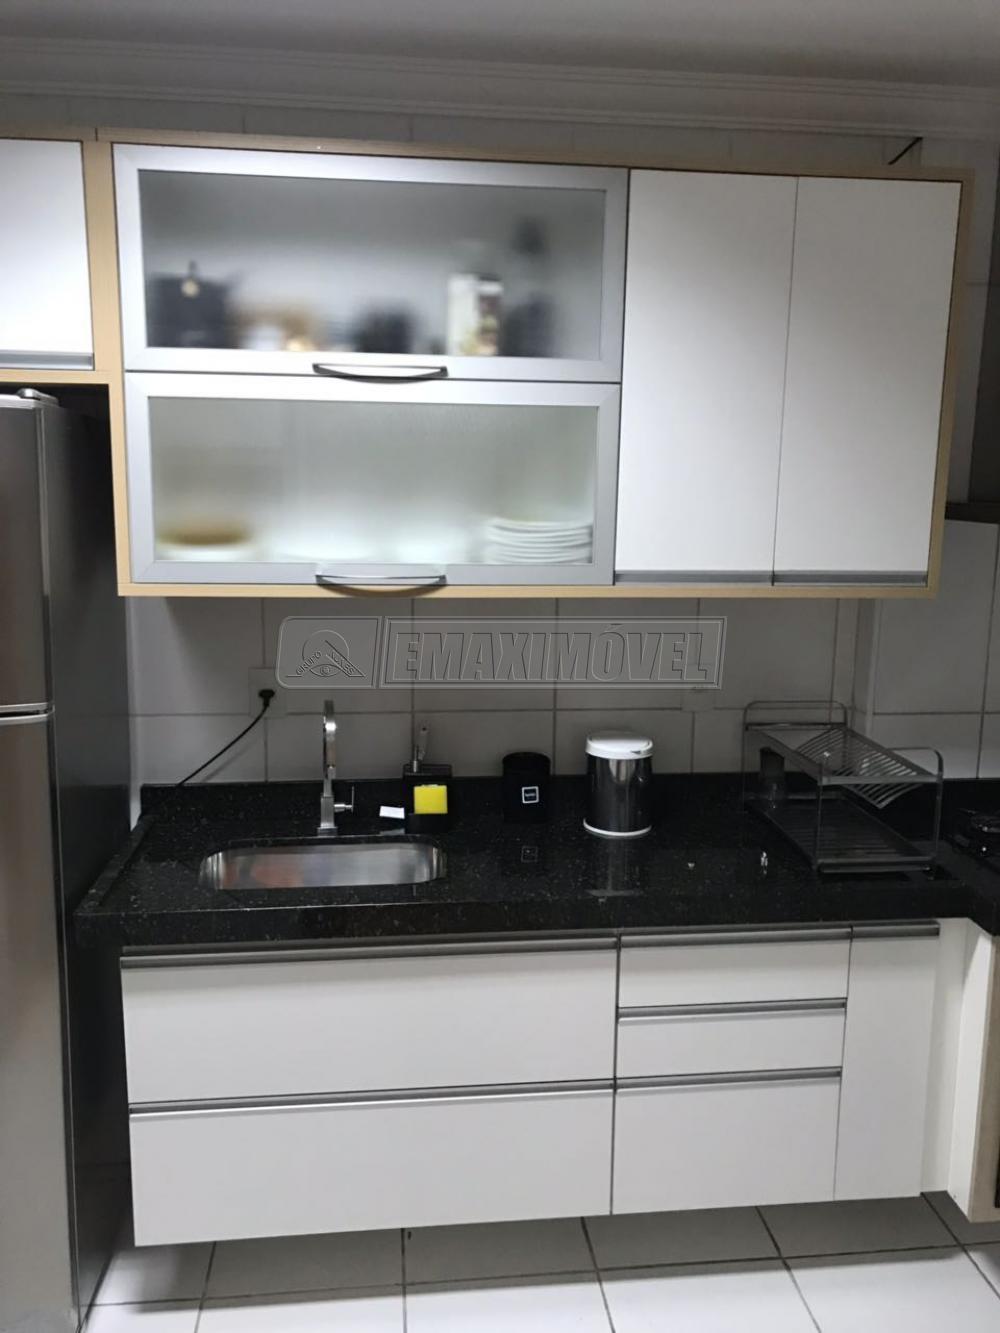 Comprar Apartamentos / Apto Padrão em Sorocaba apenas R$ 600.000,00 - Foto 6